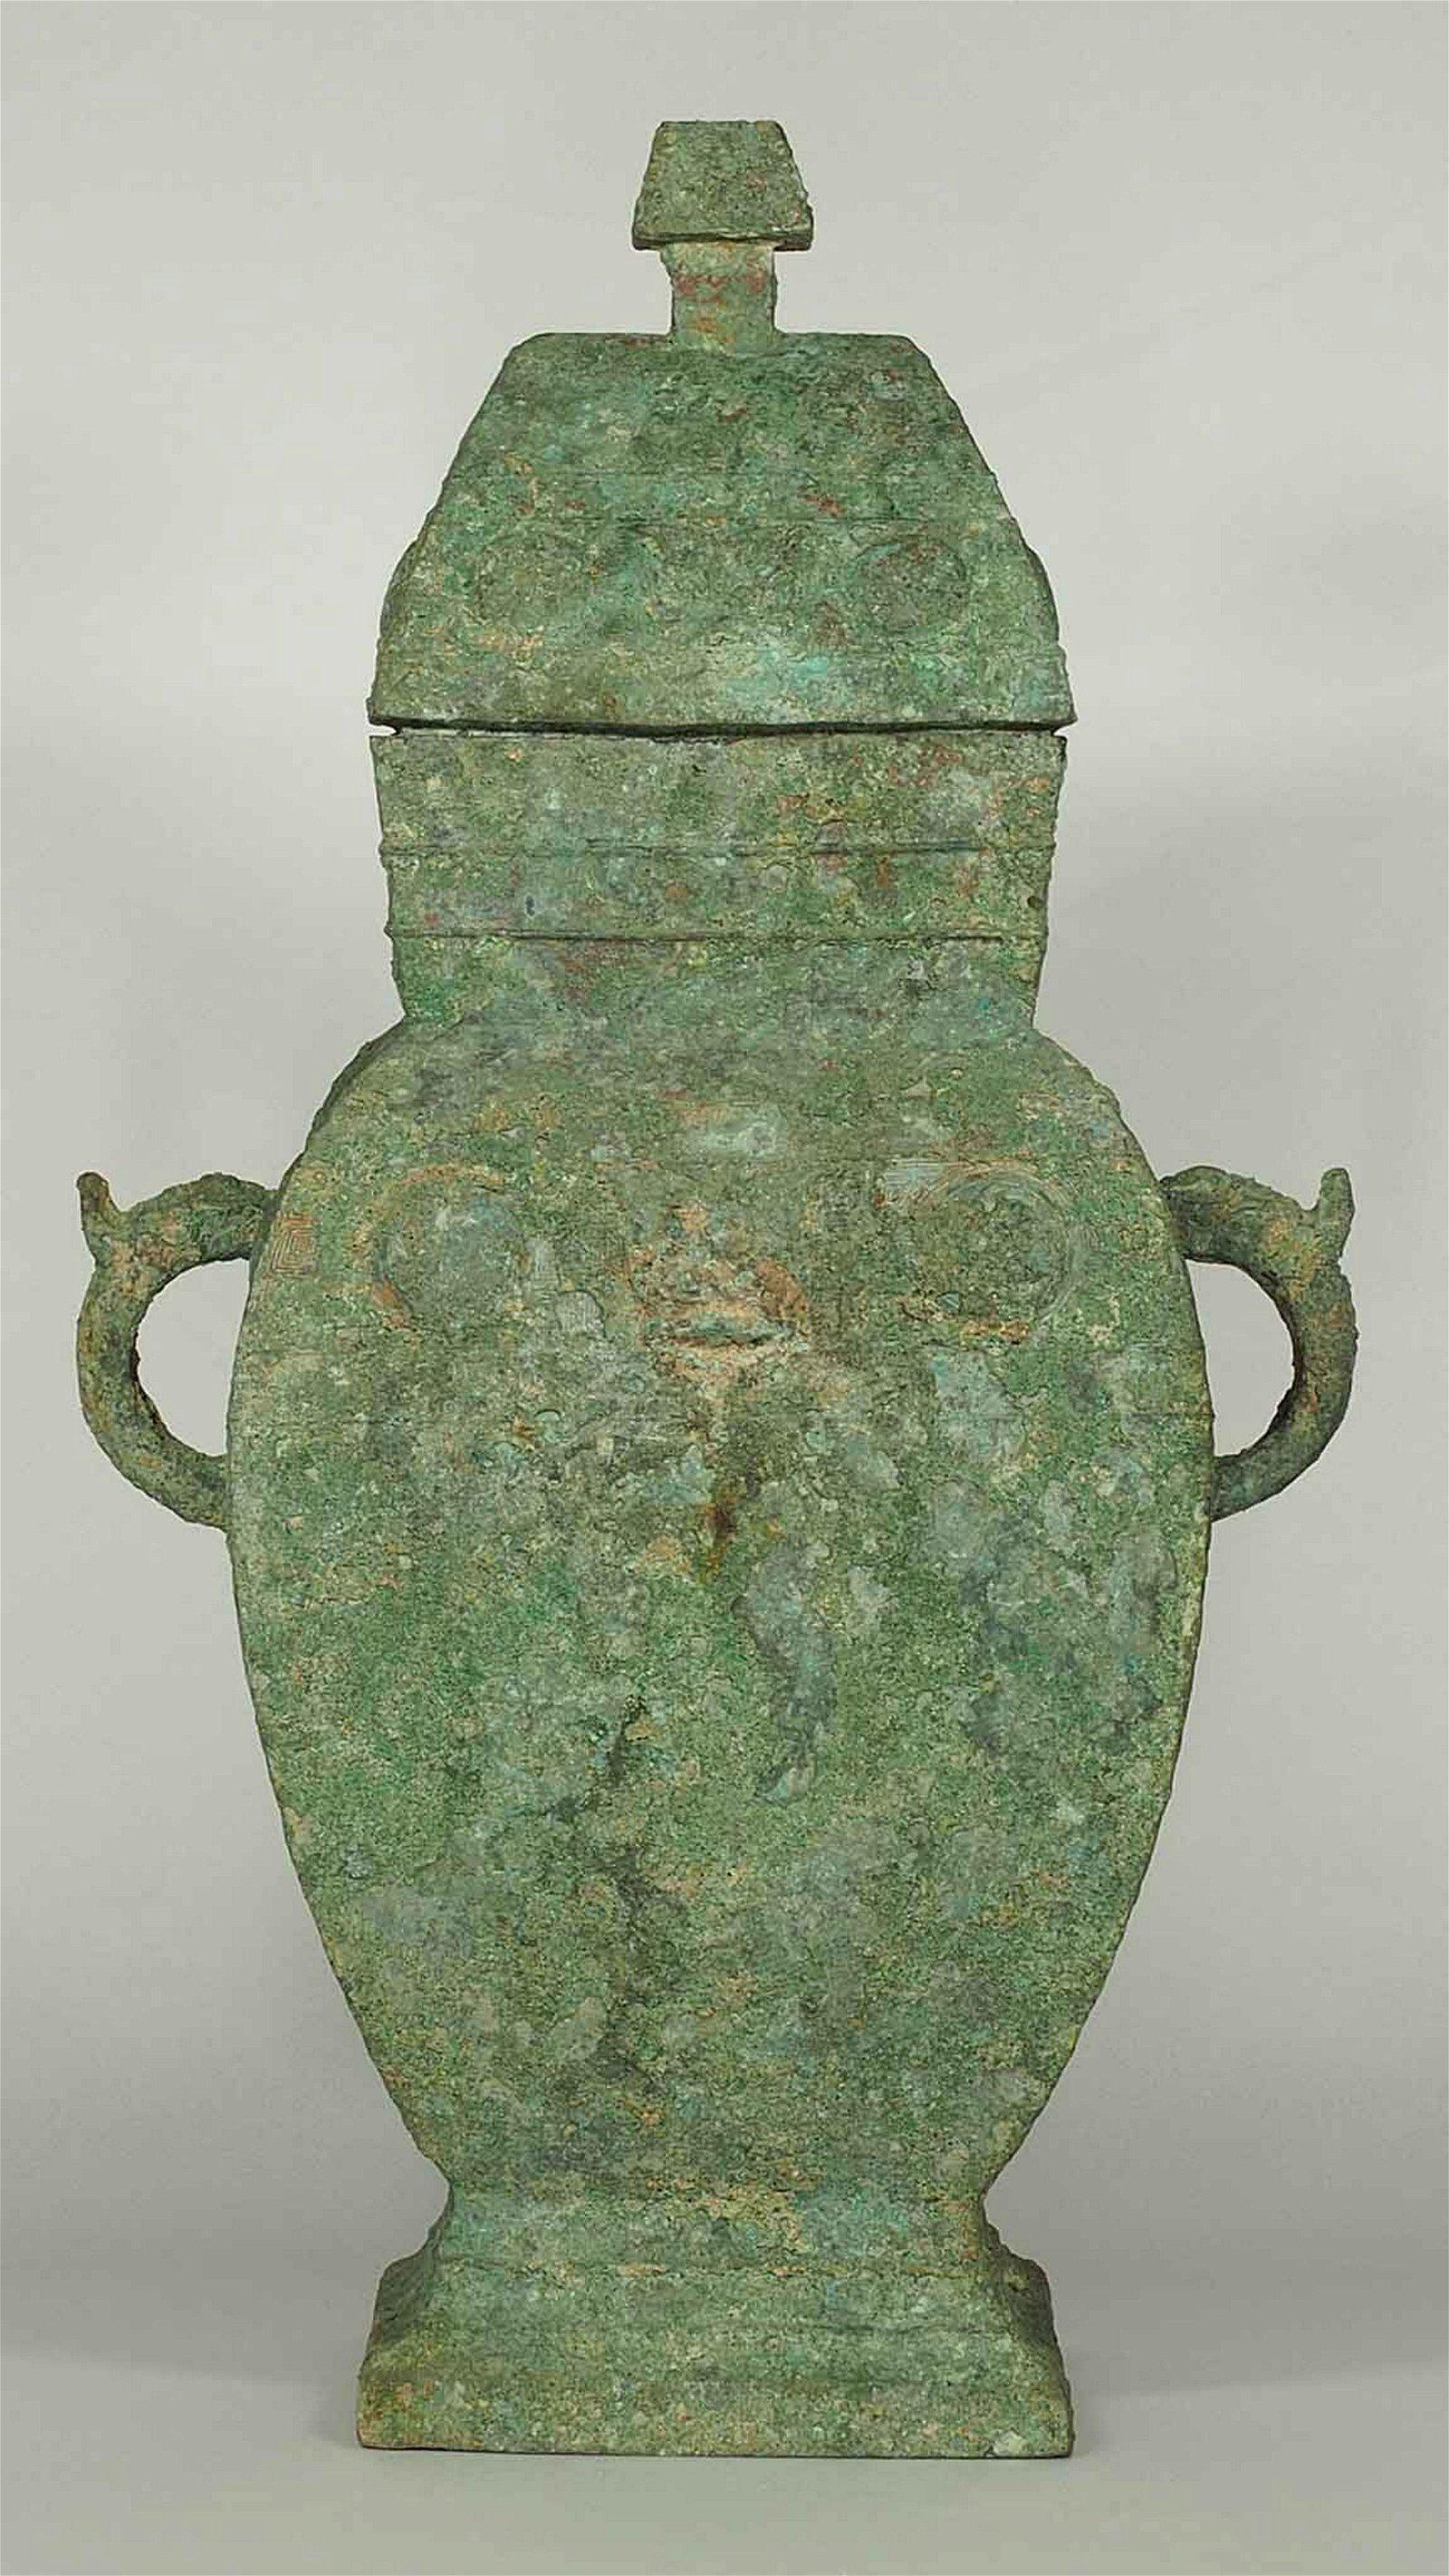 Fang Hu' Bronze Vessel with Lid, Western Zhou